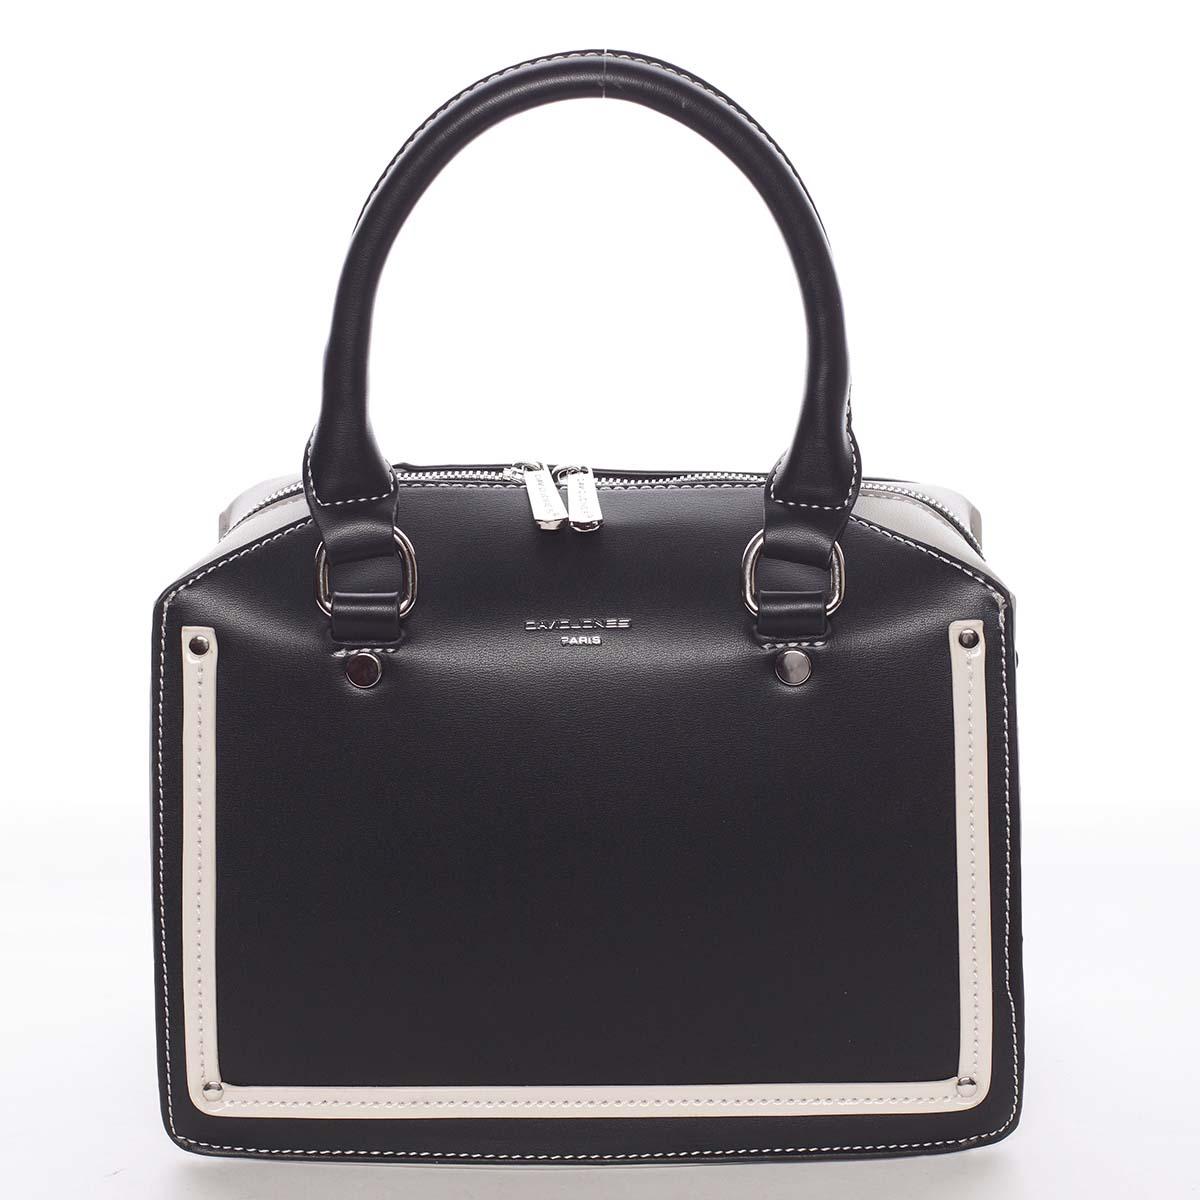 Malá originálna dámska kabelka do ruky čierna - David Jones Aglaia čierna